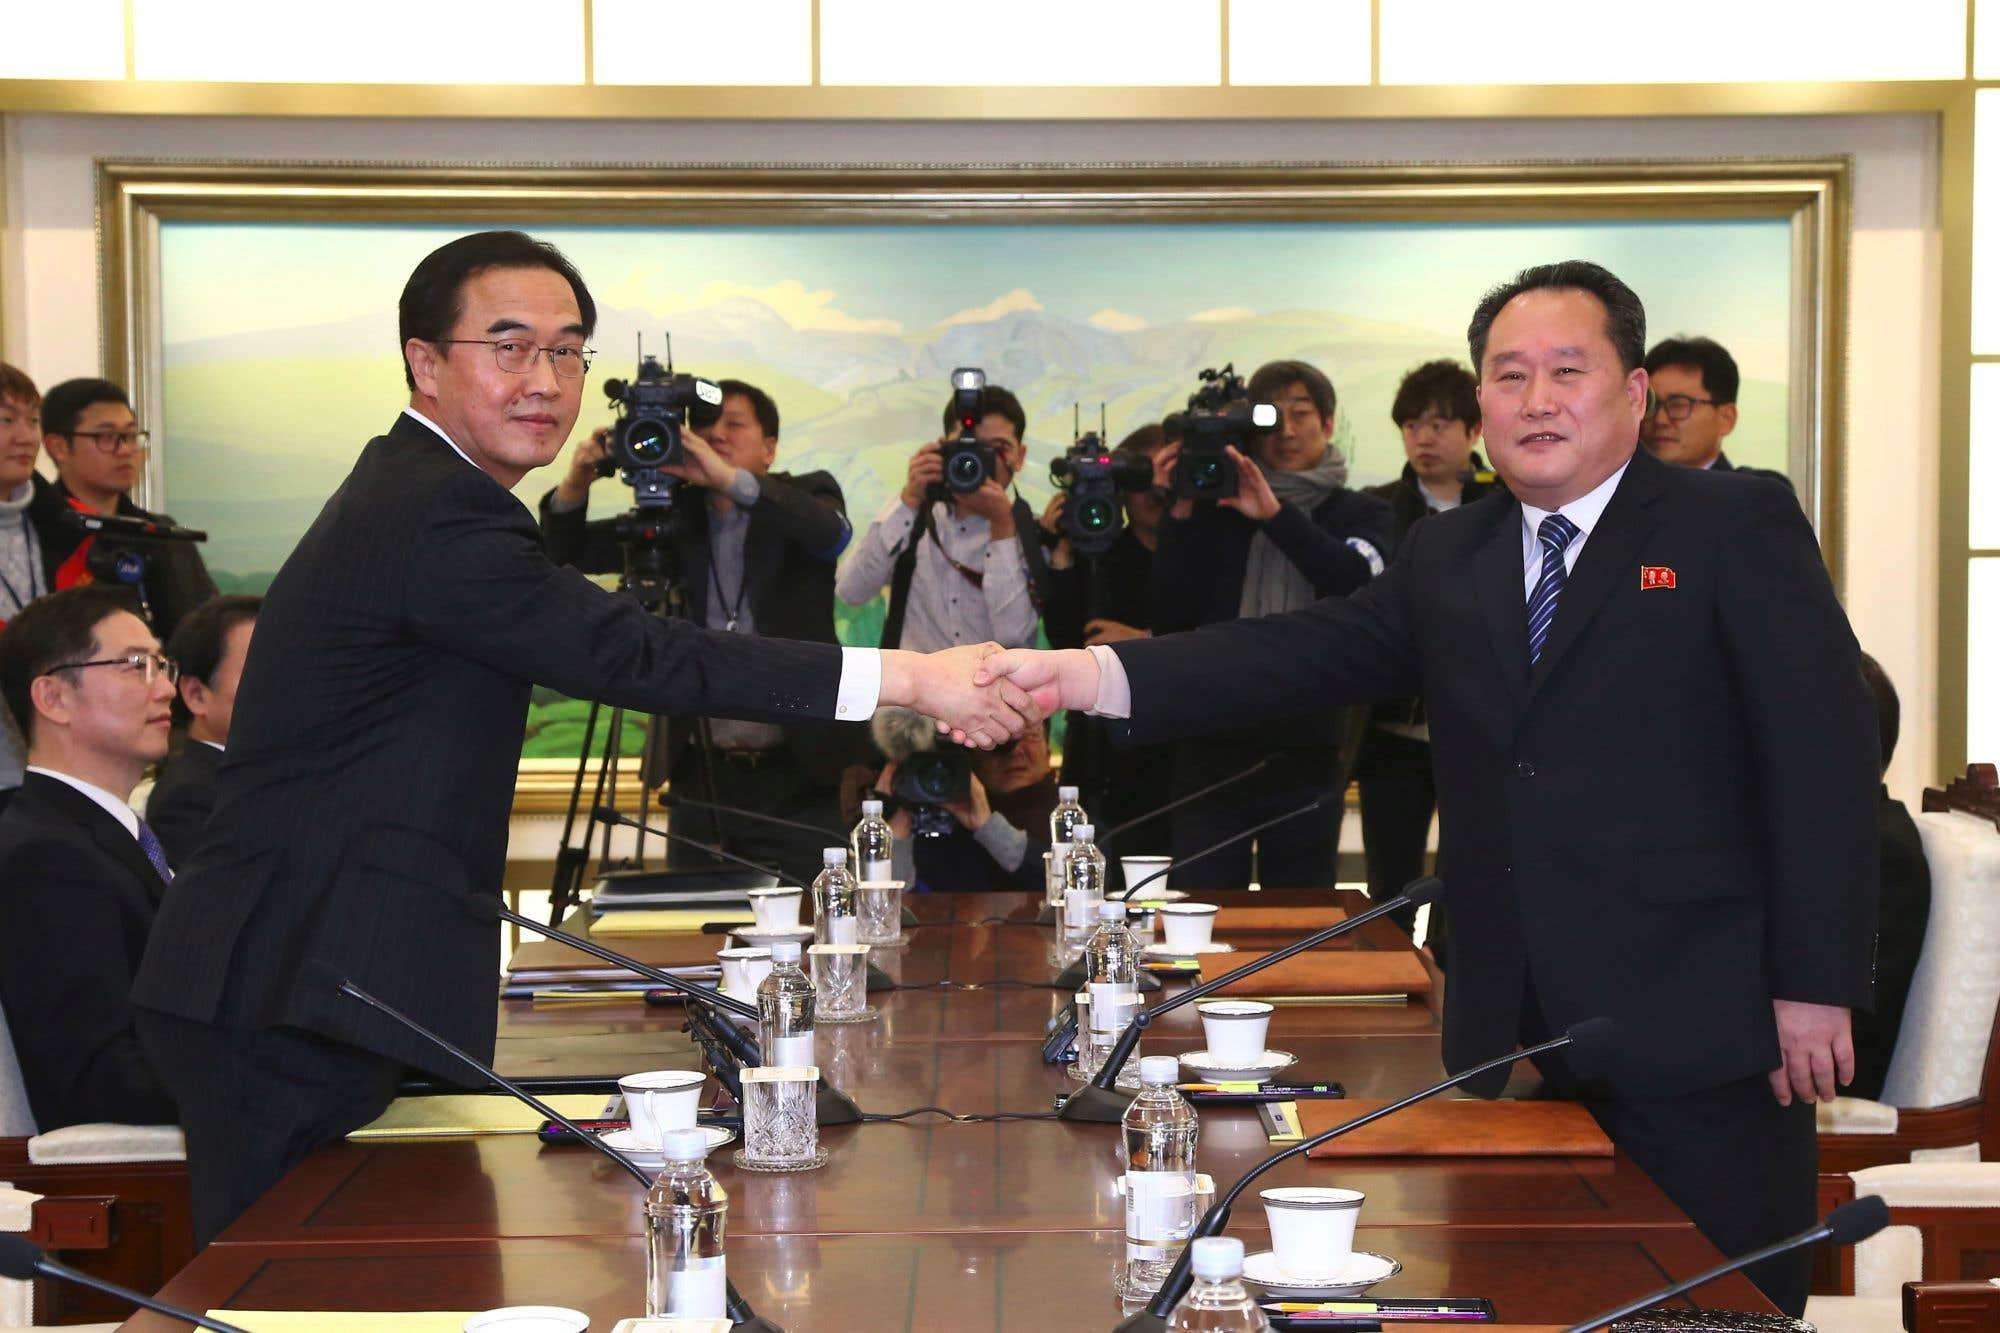 Cho Myung-gyun, ministre de l'Unification de la Corée du Sud, serre la main du chef de la délégation nord-coréenne, Ri Son-gwon. Les deux Corées ont entamé leurs premières discussions officielles en plus de deux ans, en se concentrant sur les prochains Jeux olympiques d'hiver après des mois de tensions au sujet du programme d'armement nucléaire de Pyongyang.